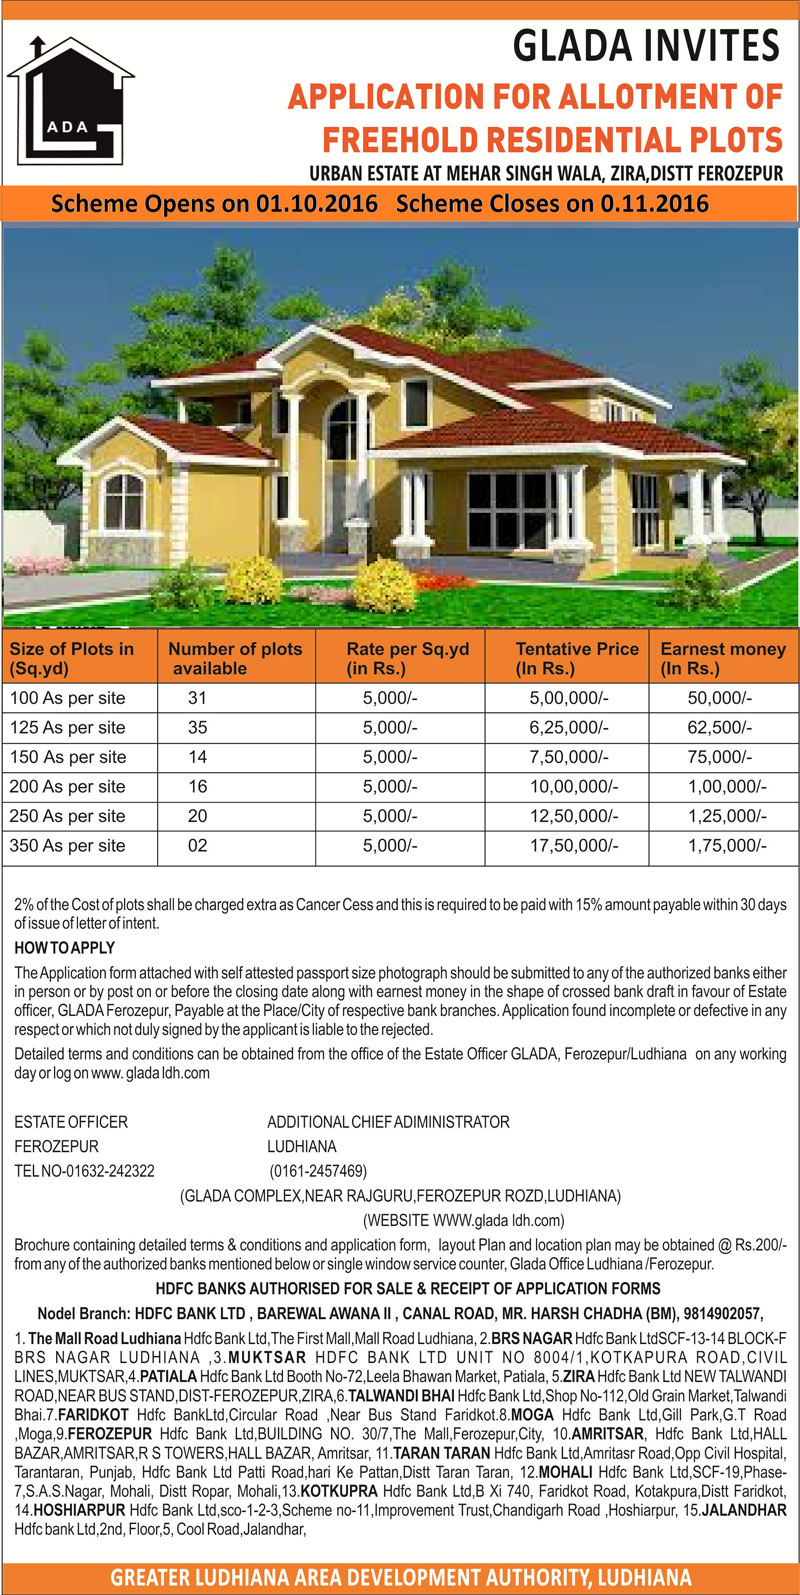 GLADA Freehold Residential Plots 2016 Ferozpur